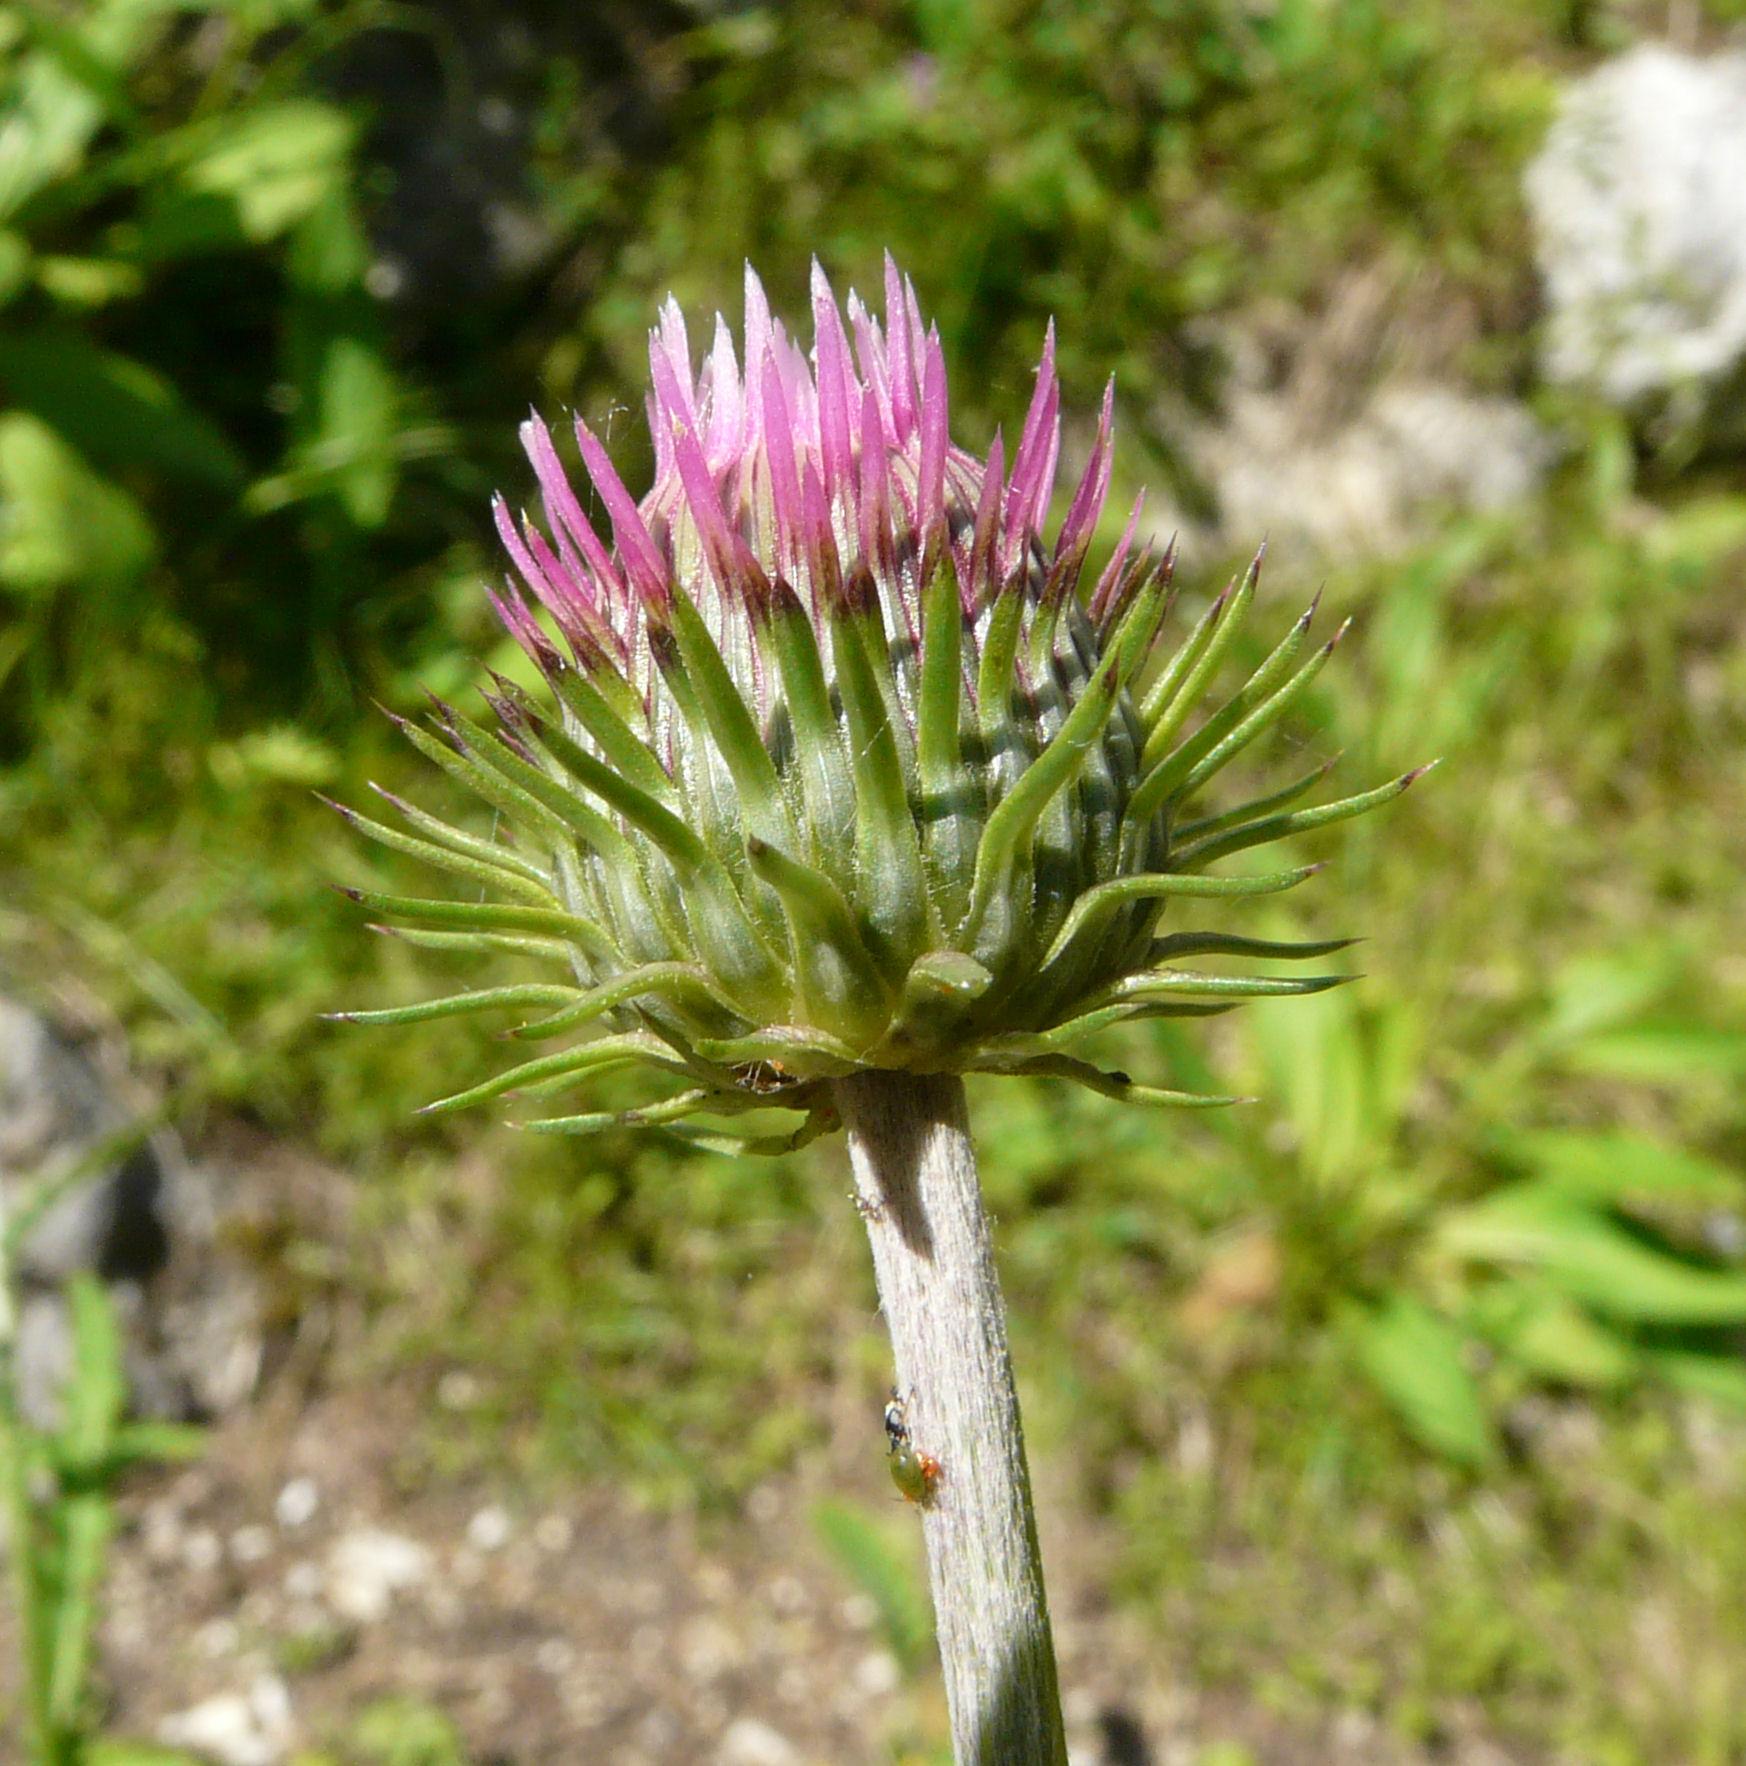 © Dipartimento di Scienze della Vita, Università degli Studi di Trieste<br>by Andrea Moro<br>Val Trenta, Orto Botanico Alpino , Slovenia, 20/06/2008<br>Distributed under CC-BY-SA 4.0 license.